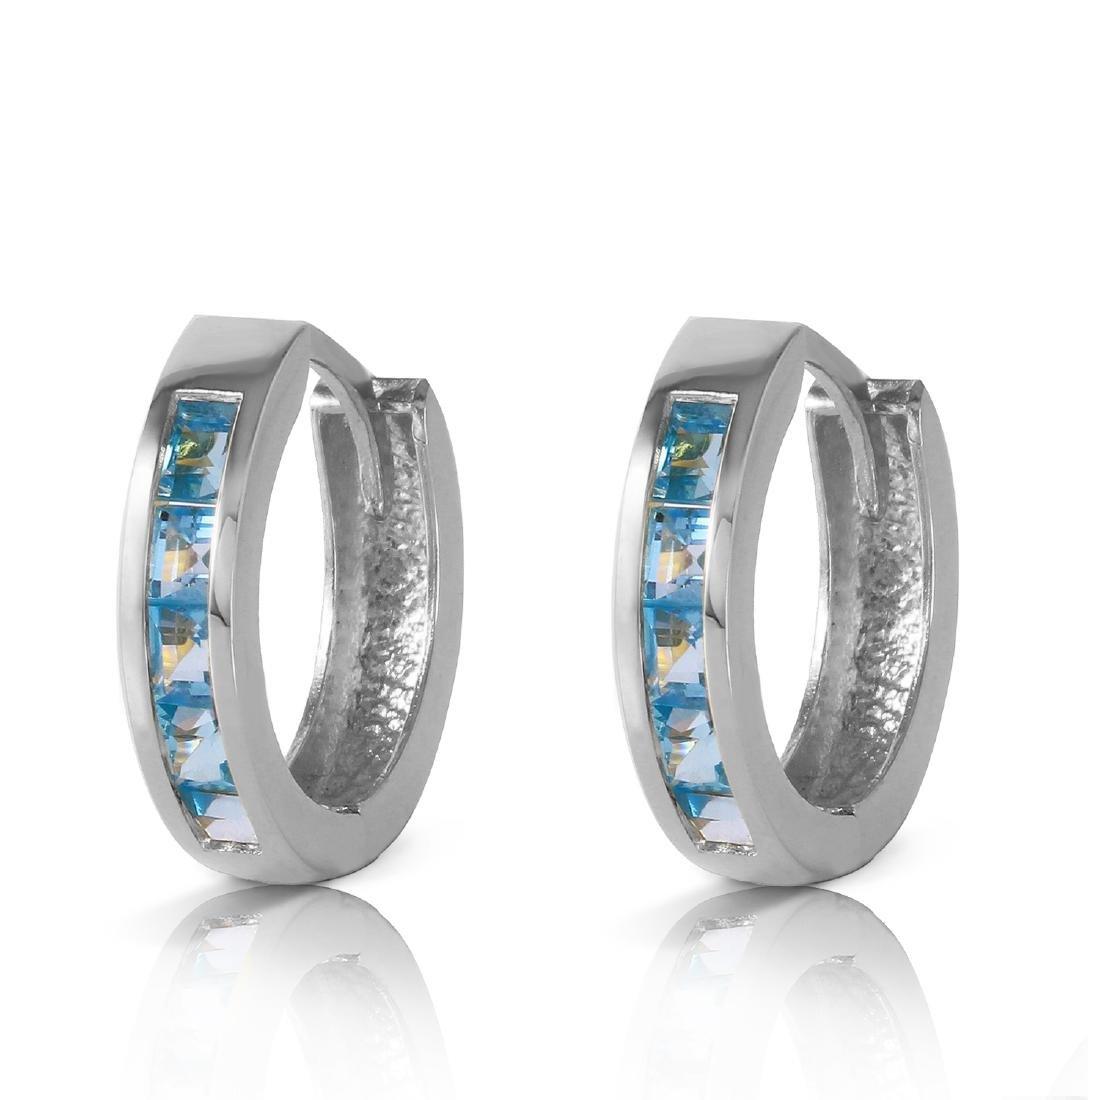 Genuine 1.20 ctw Blue Topaz Earrings Jewelry 14KT White